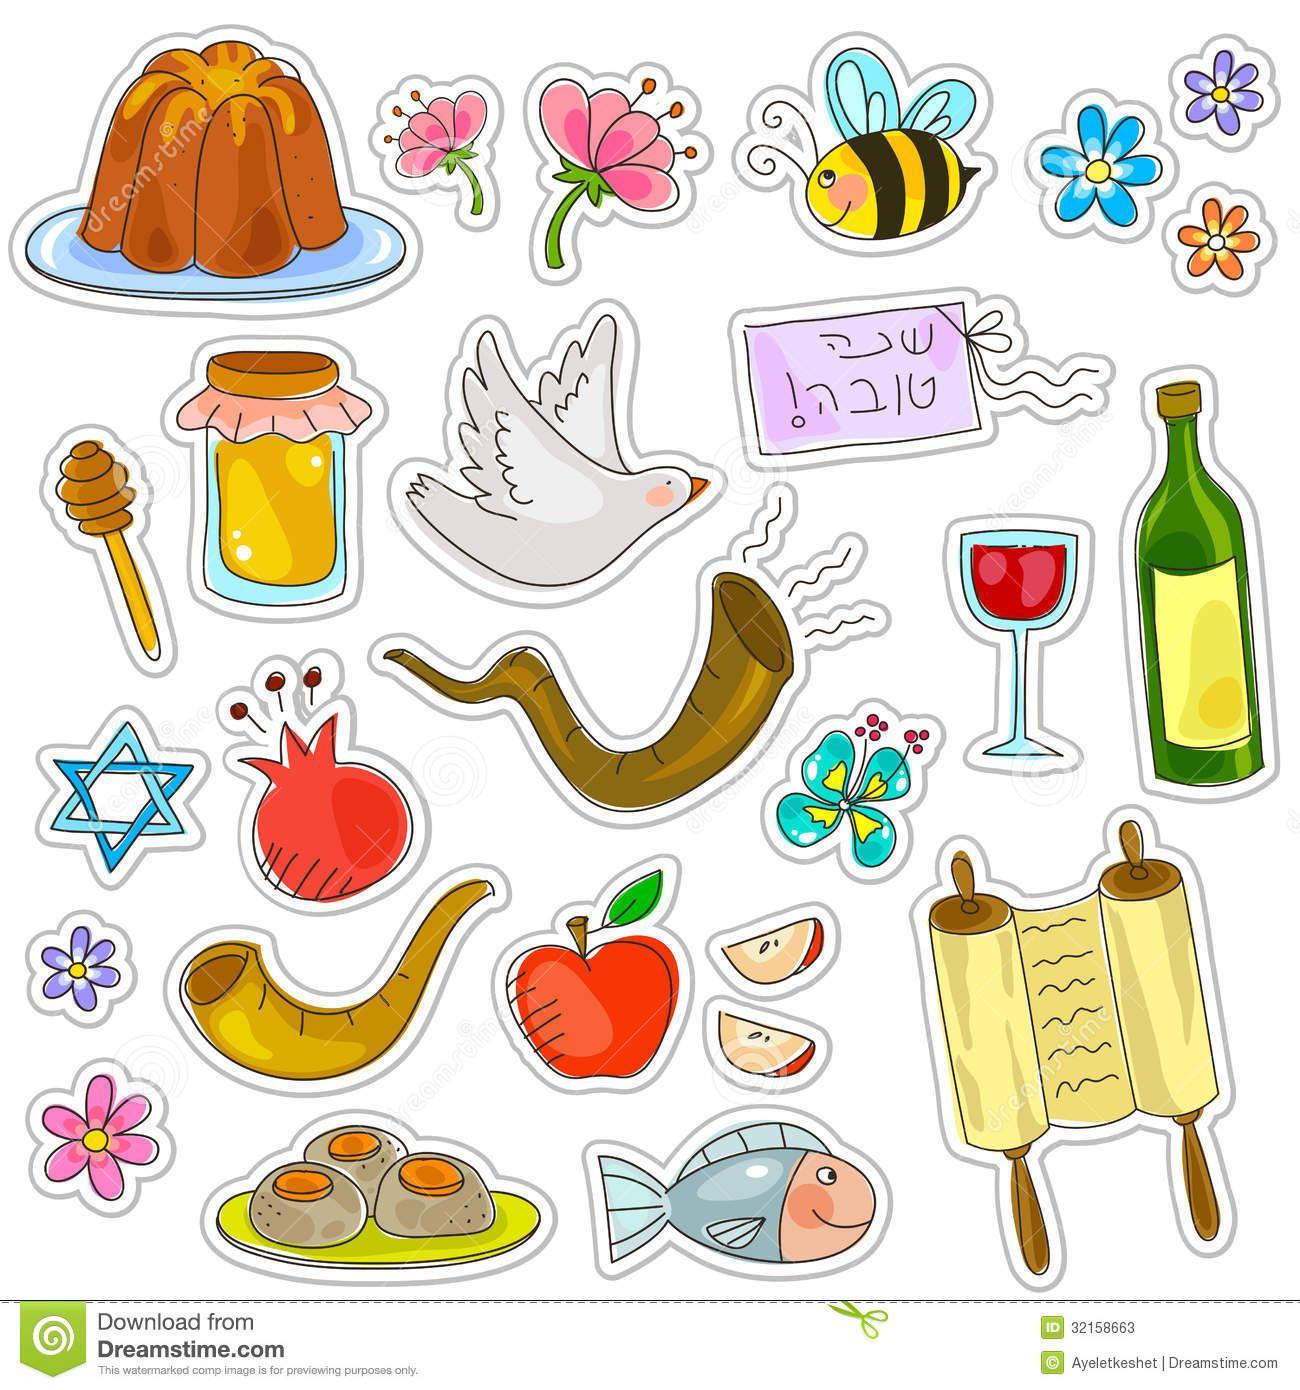 Rosh Hashanah Symbols.